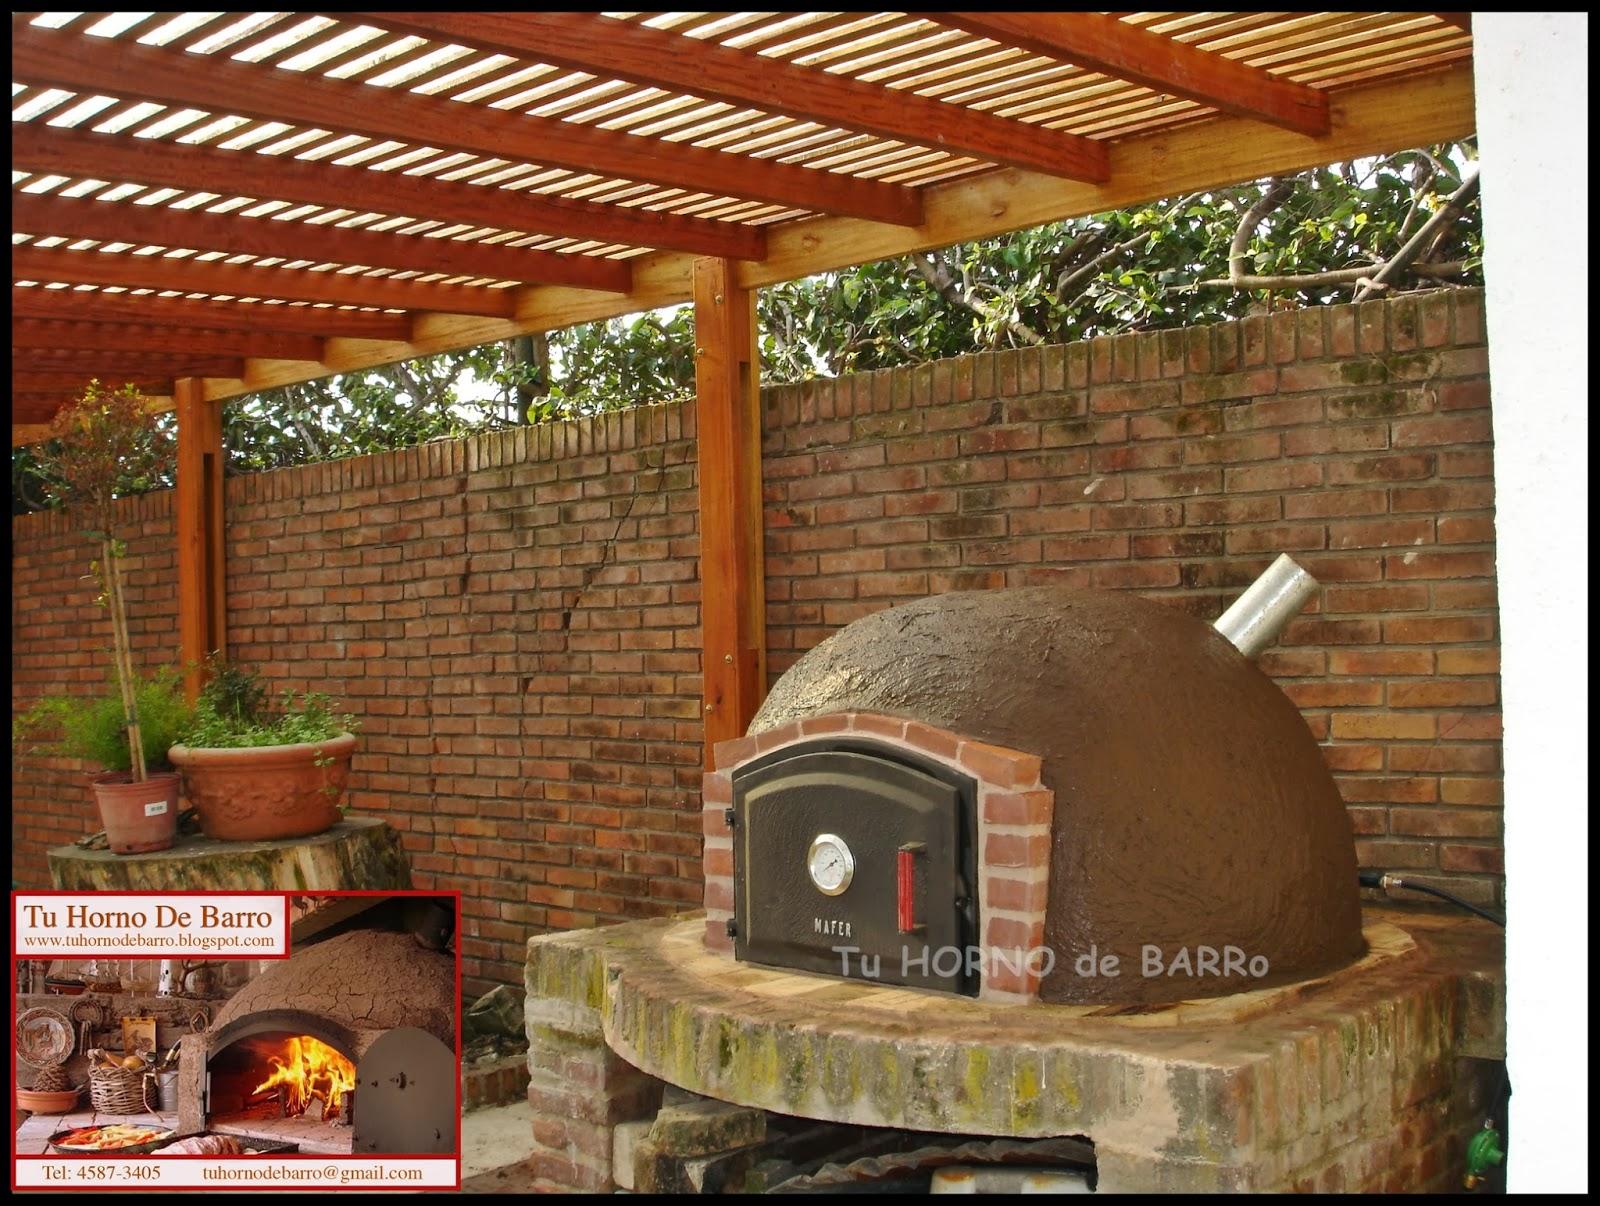 Tu horno de barro hornos de barro argentina buenos for Medidas de hornos de cocina